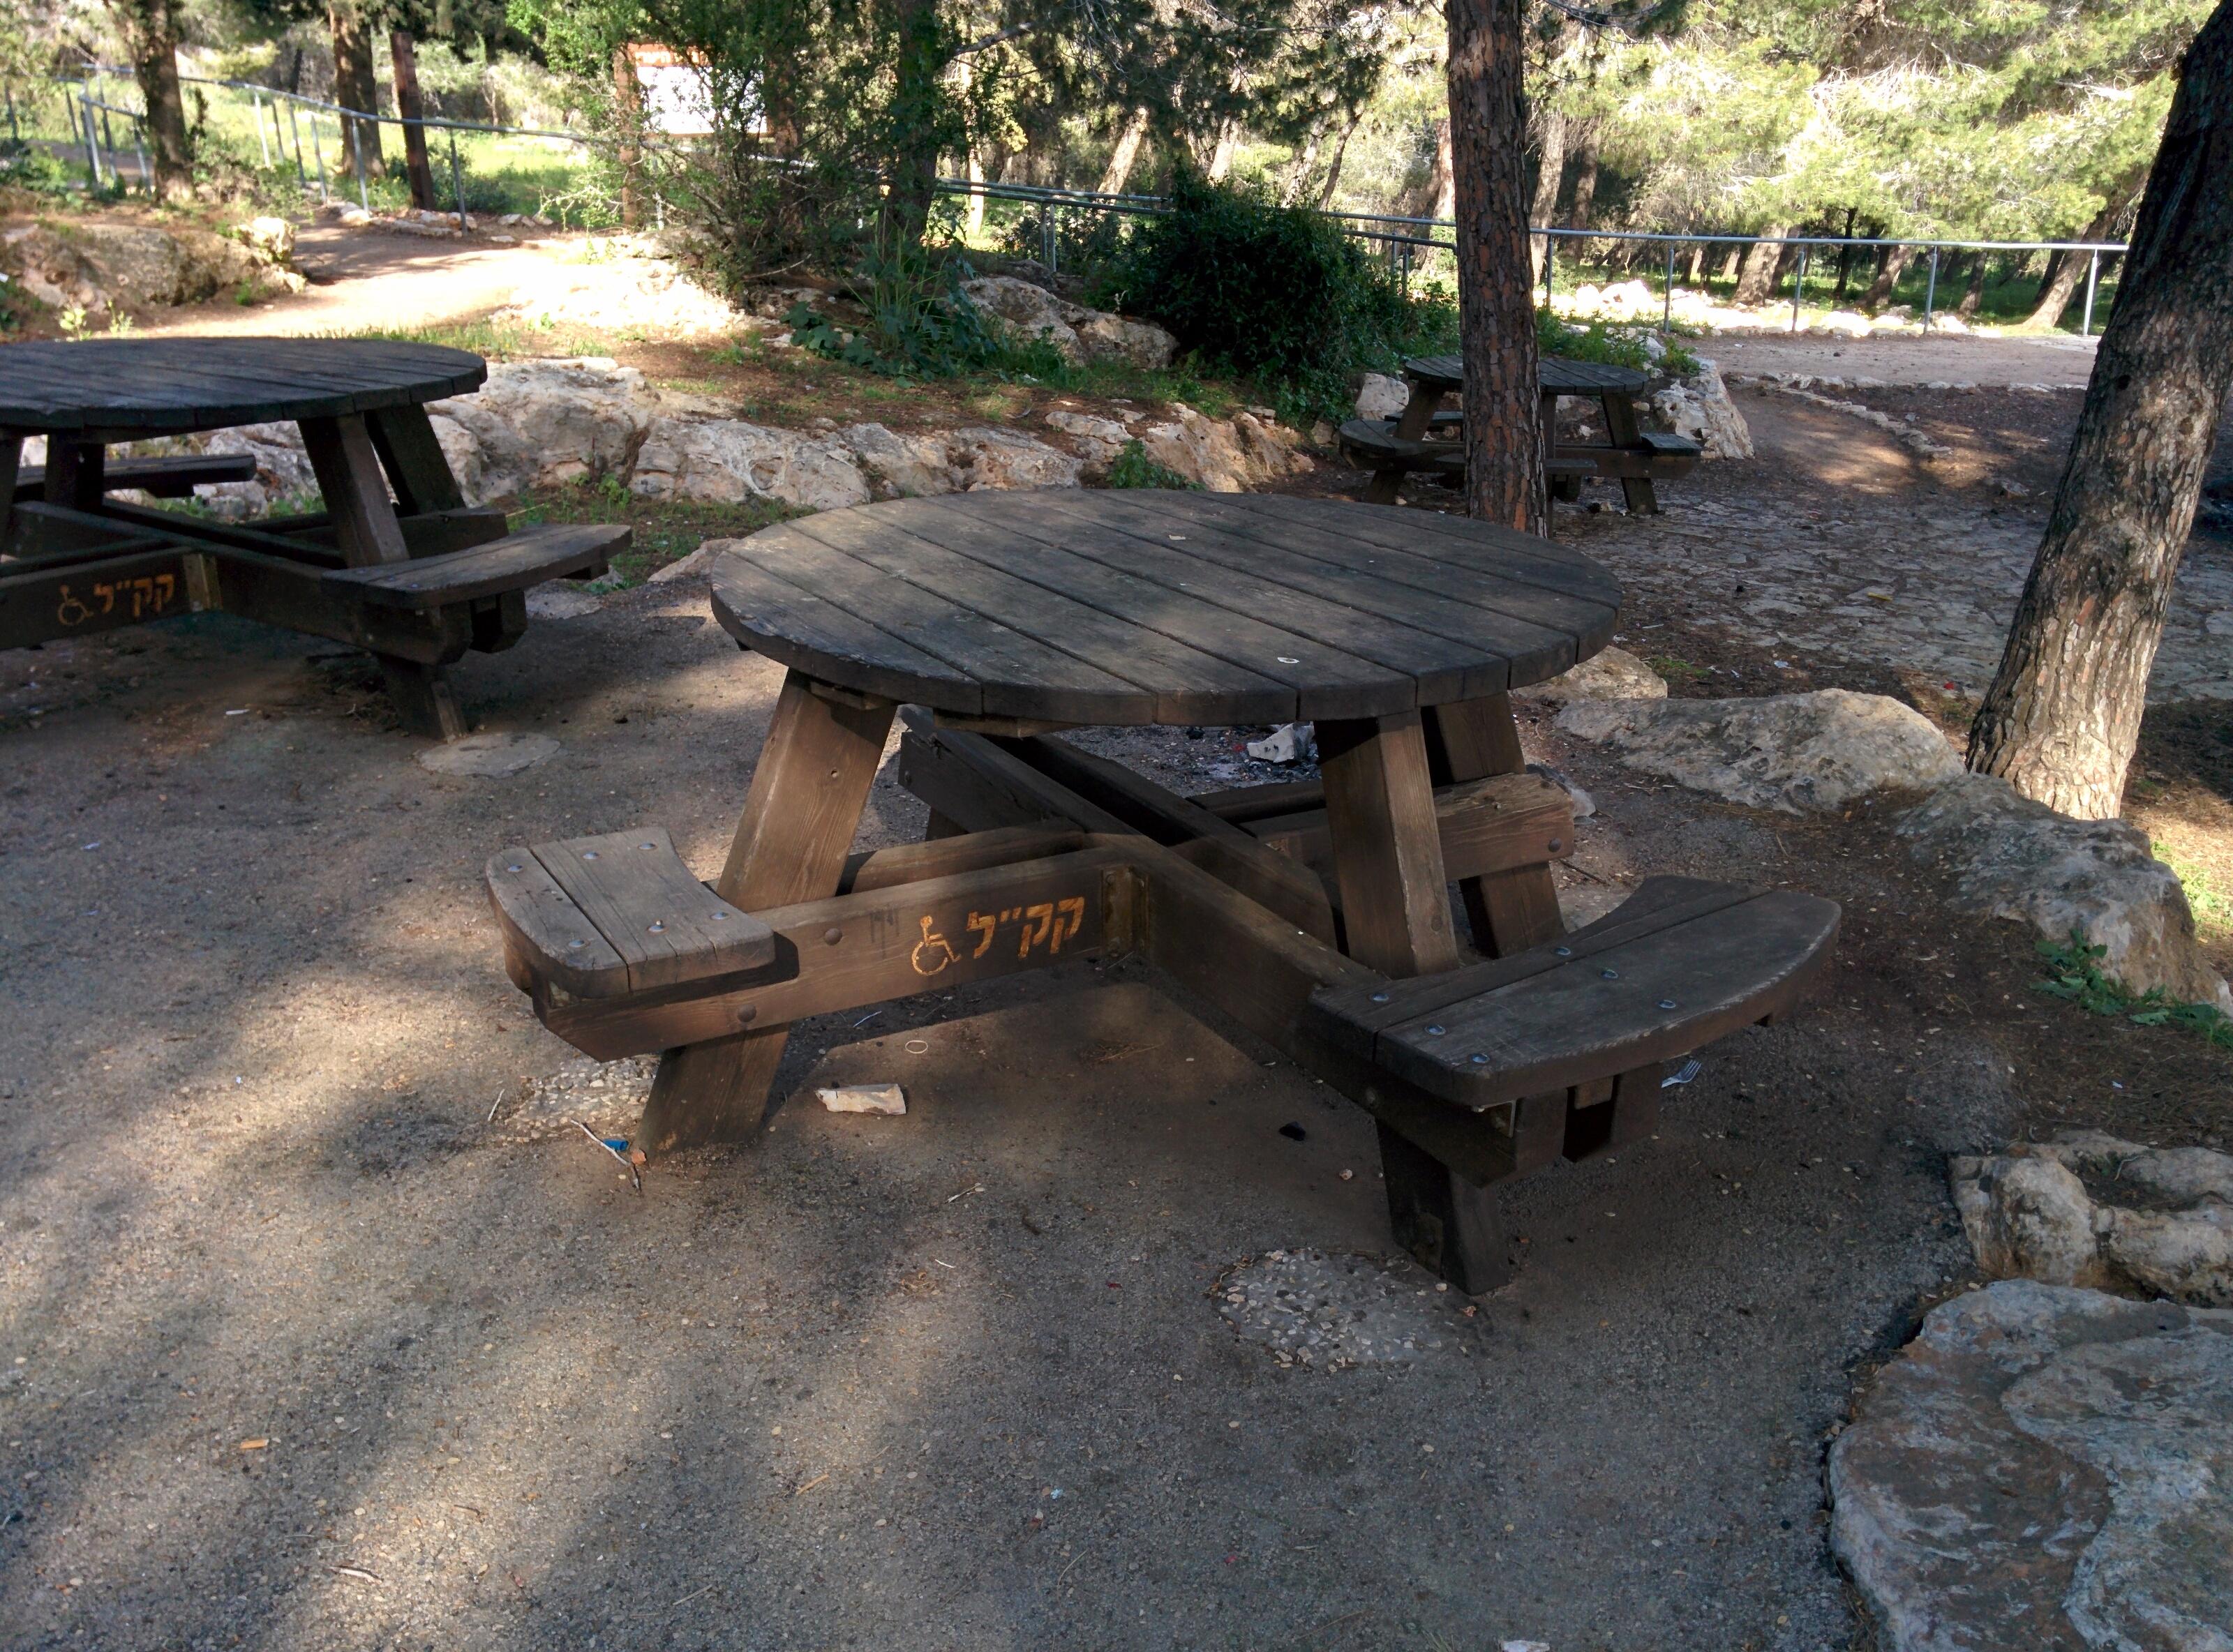 מצפה בית היערן - תיירות נגישה